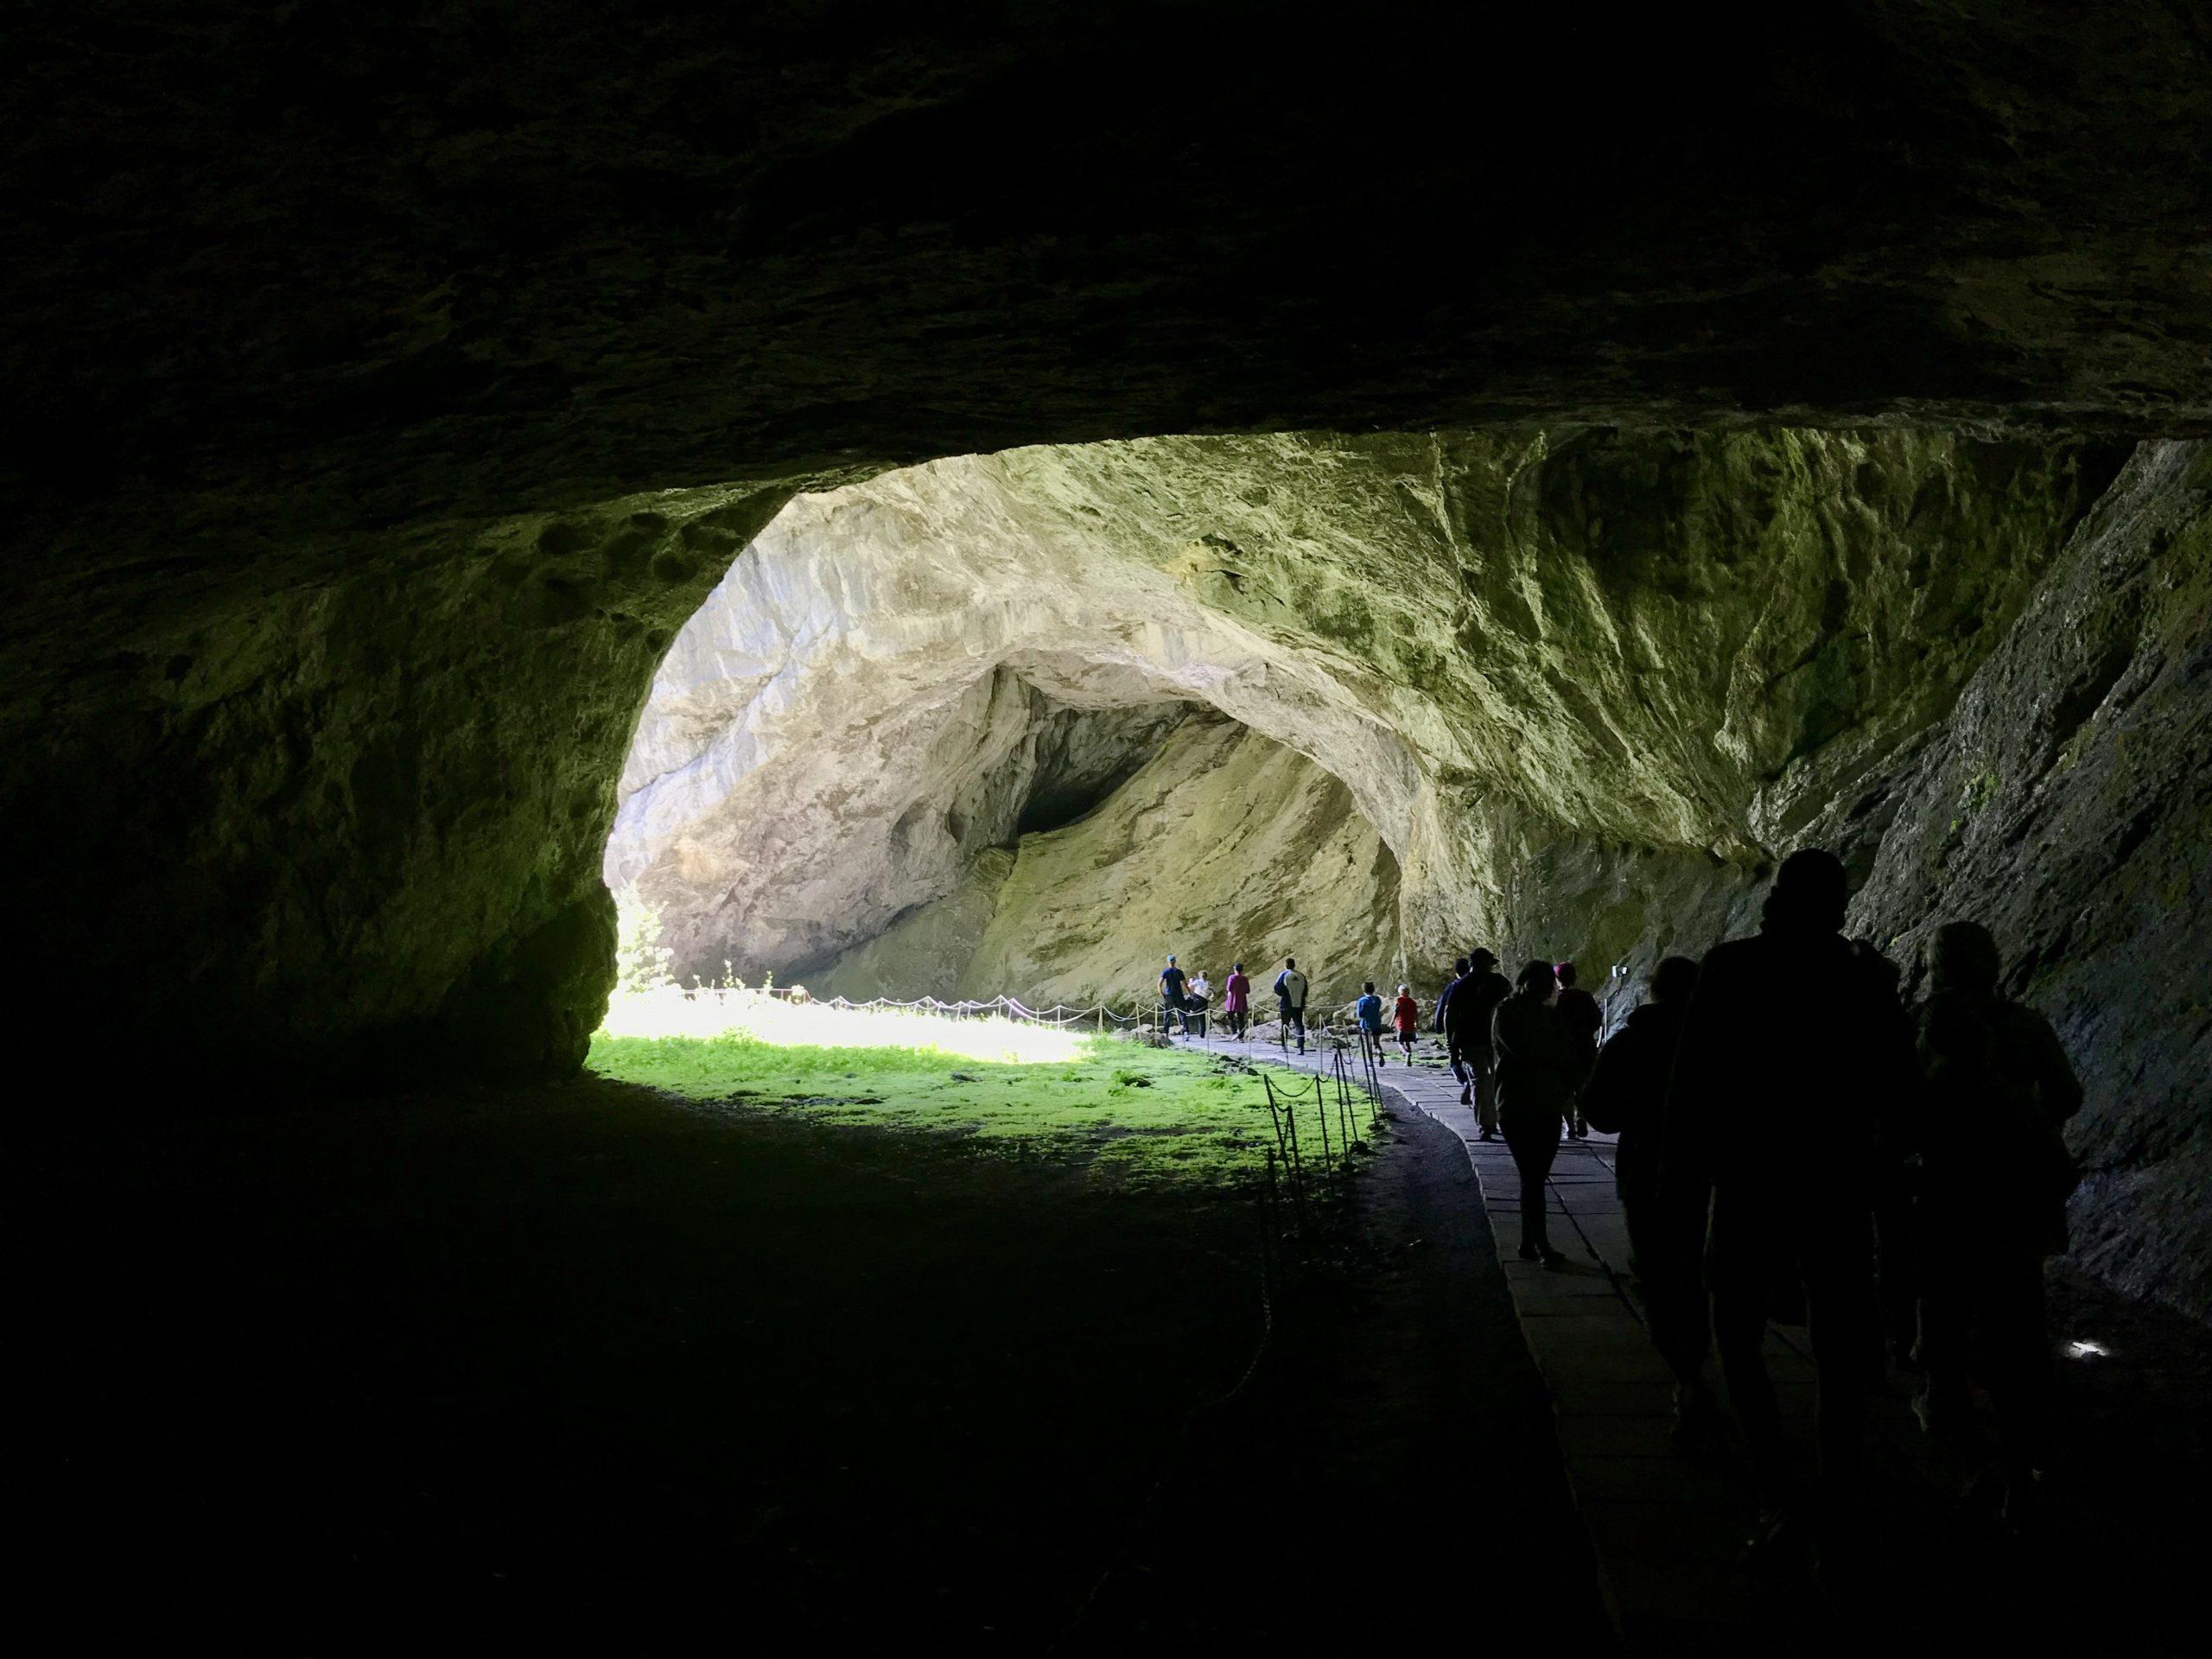 """фото по запросу """"Отдых в Башкирии. Каповая пещера, национальный парк Шульган-Таш"""""""